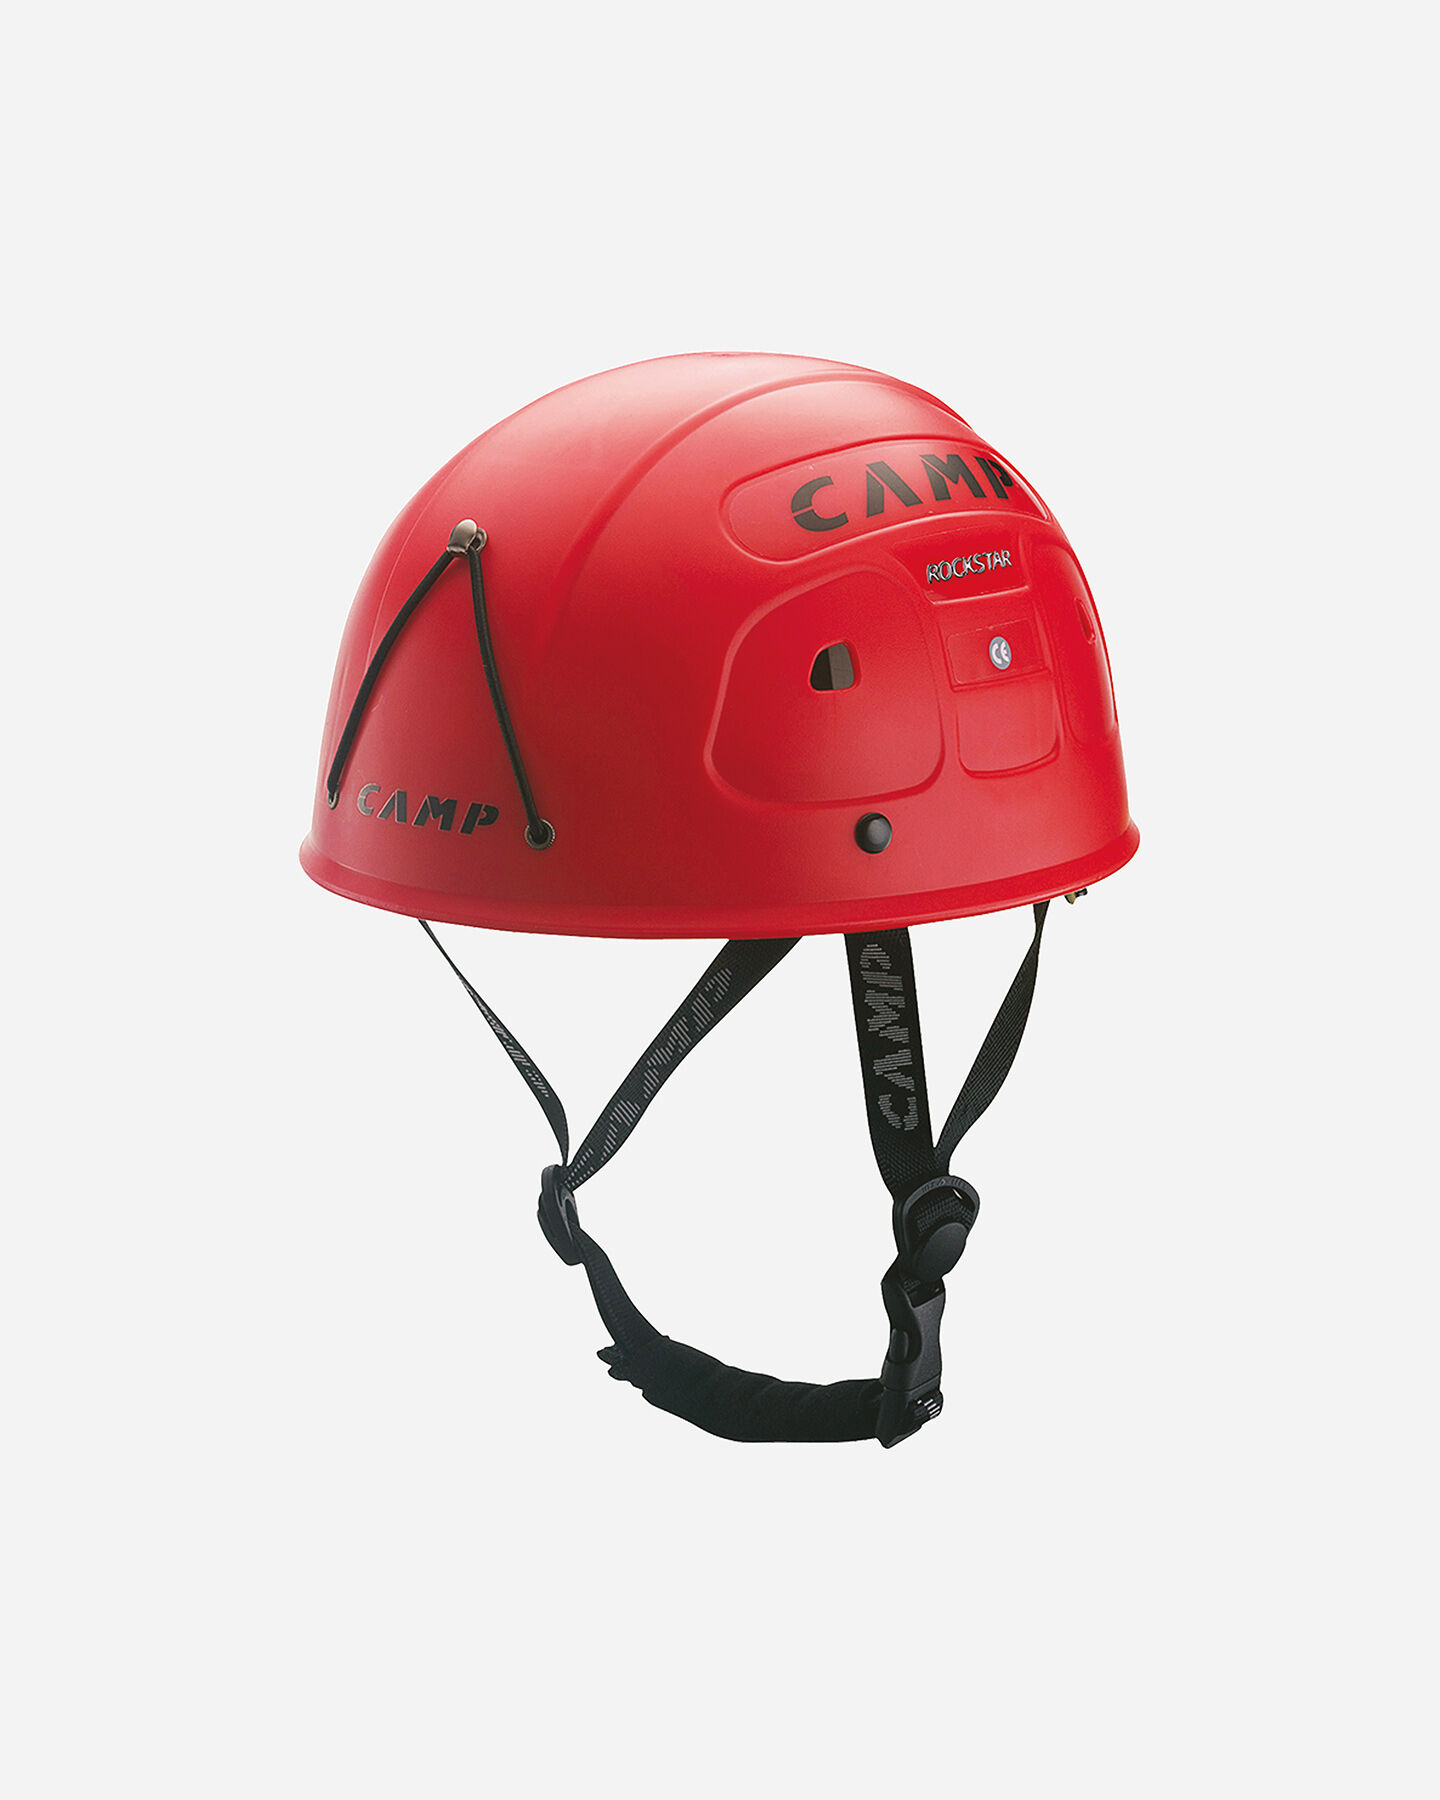 Accessorio arrampicata CAMP KIT CAMP FERRATA KINETIC 2746 ROCKSTAR-TOPAZ PLUS S4027971 1 UNI scatto 2